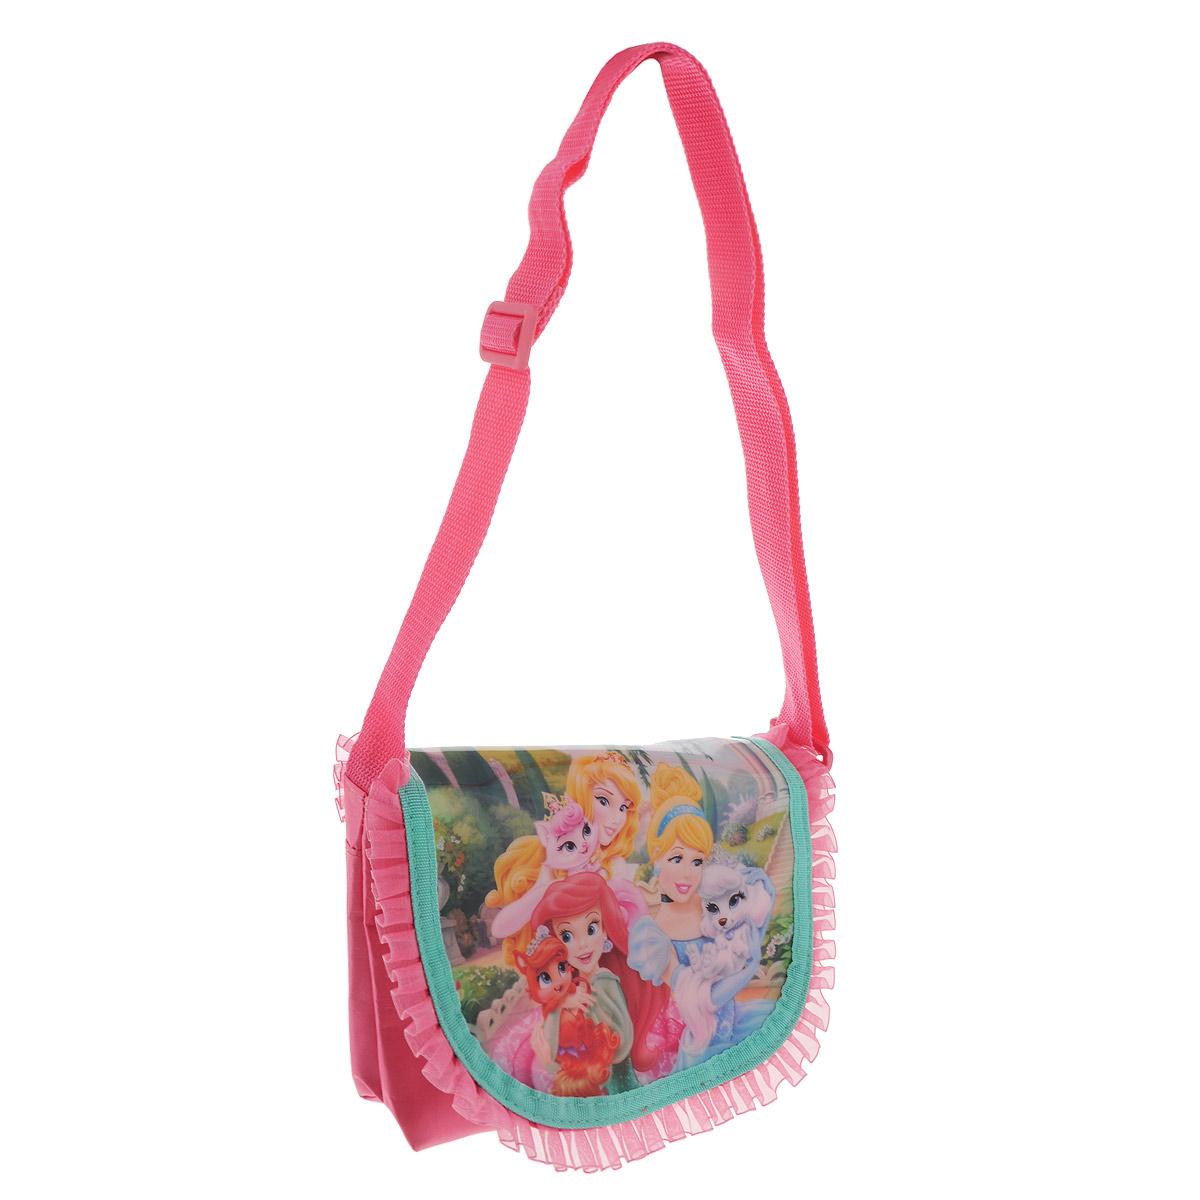 Сумочка Princess, цвет: розовый. PRCB-UT4-401272523WDСтильная сумочка Princess порадует любую модницу и поклонницу мультфильма.Сумочка имеет одно вместительное отделение на молнии, закрывающееся перекидным клапаном на липучке. Лицевая сторона сумочки оформлена изображением трех принцесс с животными. Сумочка оснащена ручкой для переноски в руке.Каждая юная поклонница популярного мультфильма будет рада такому аксессуару.